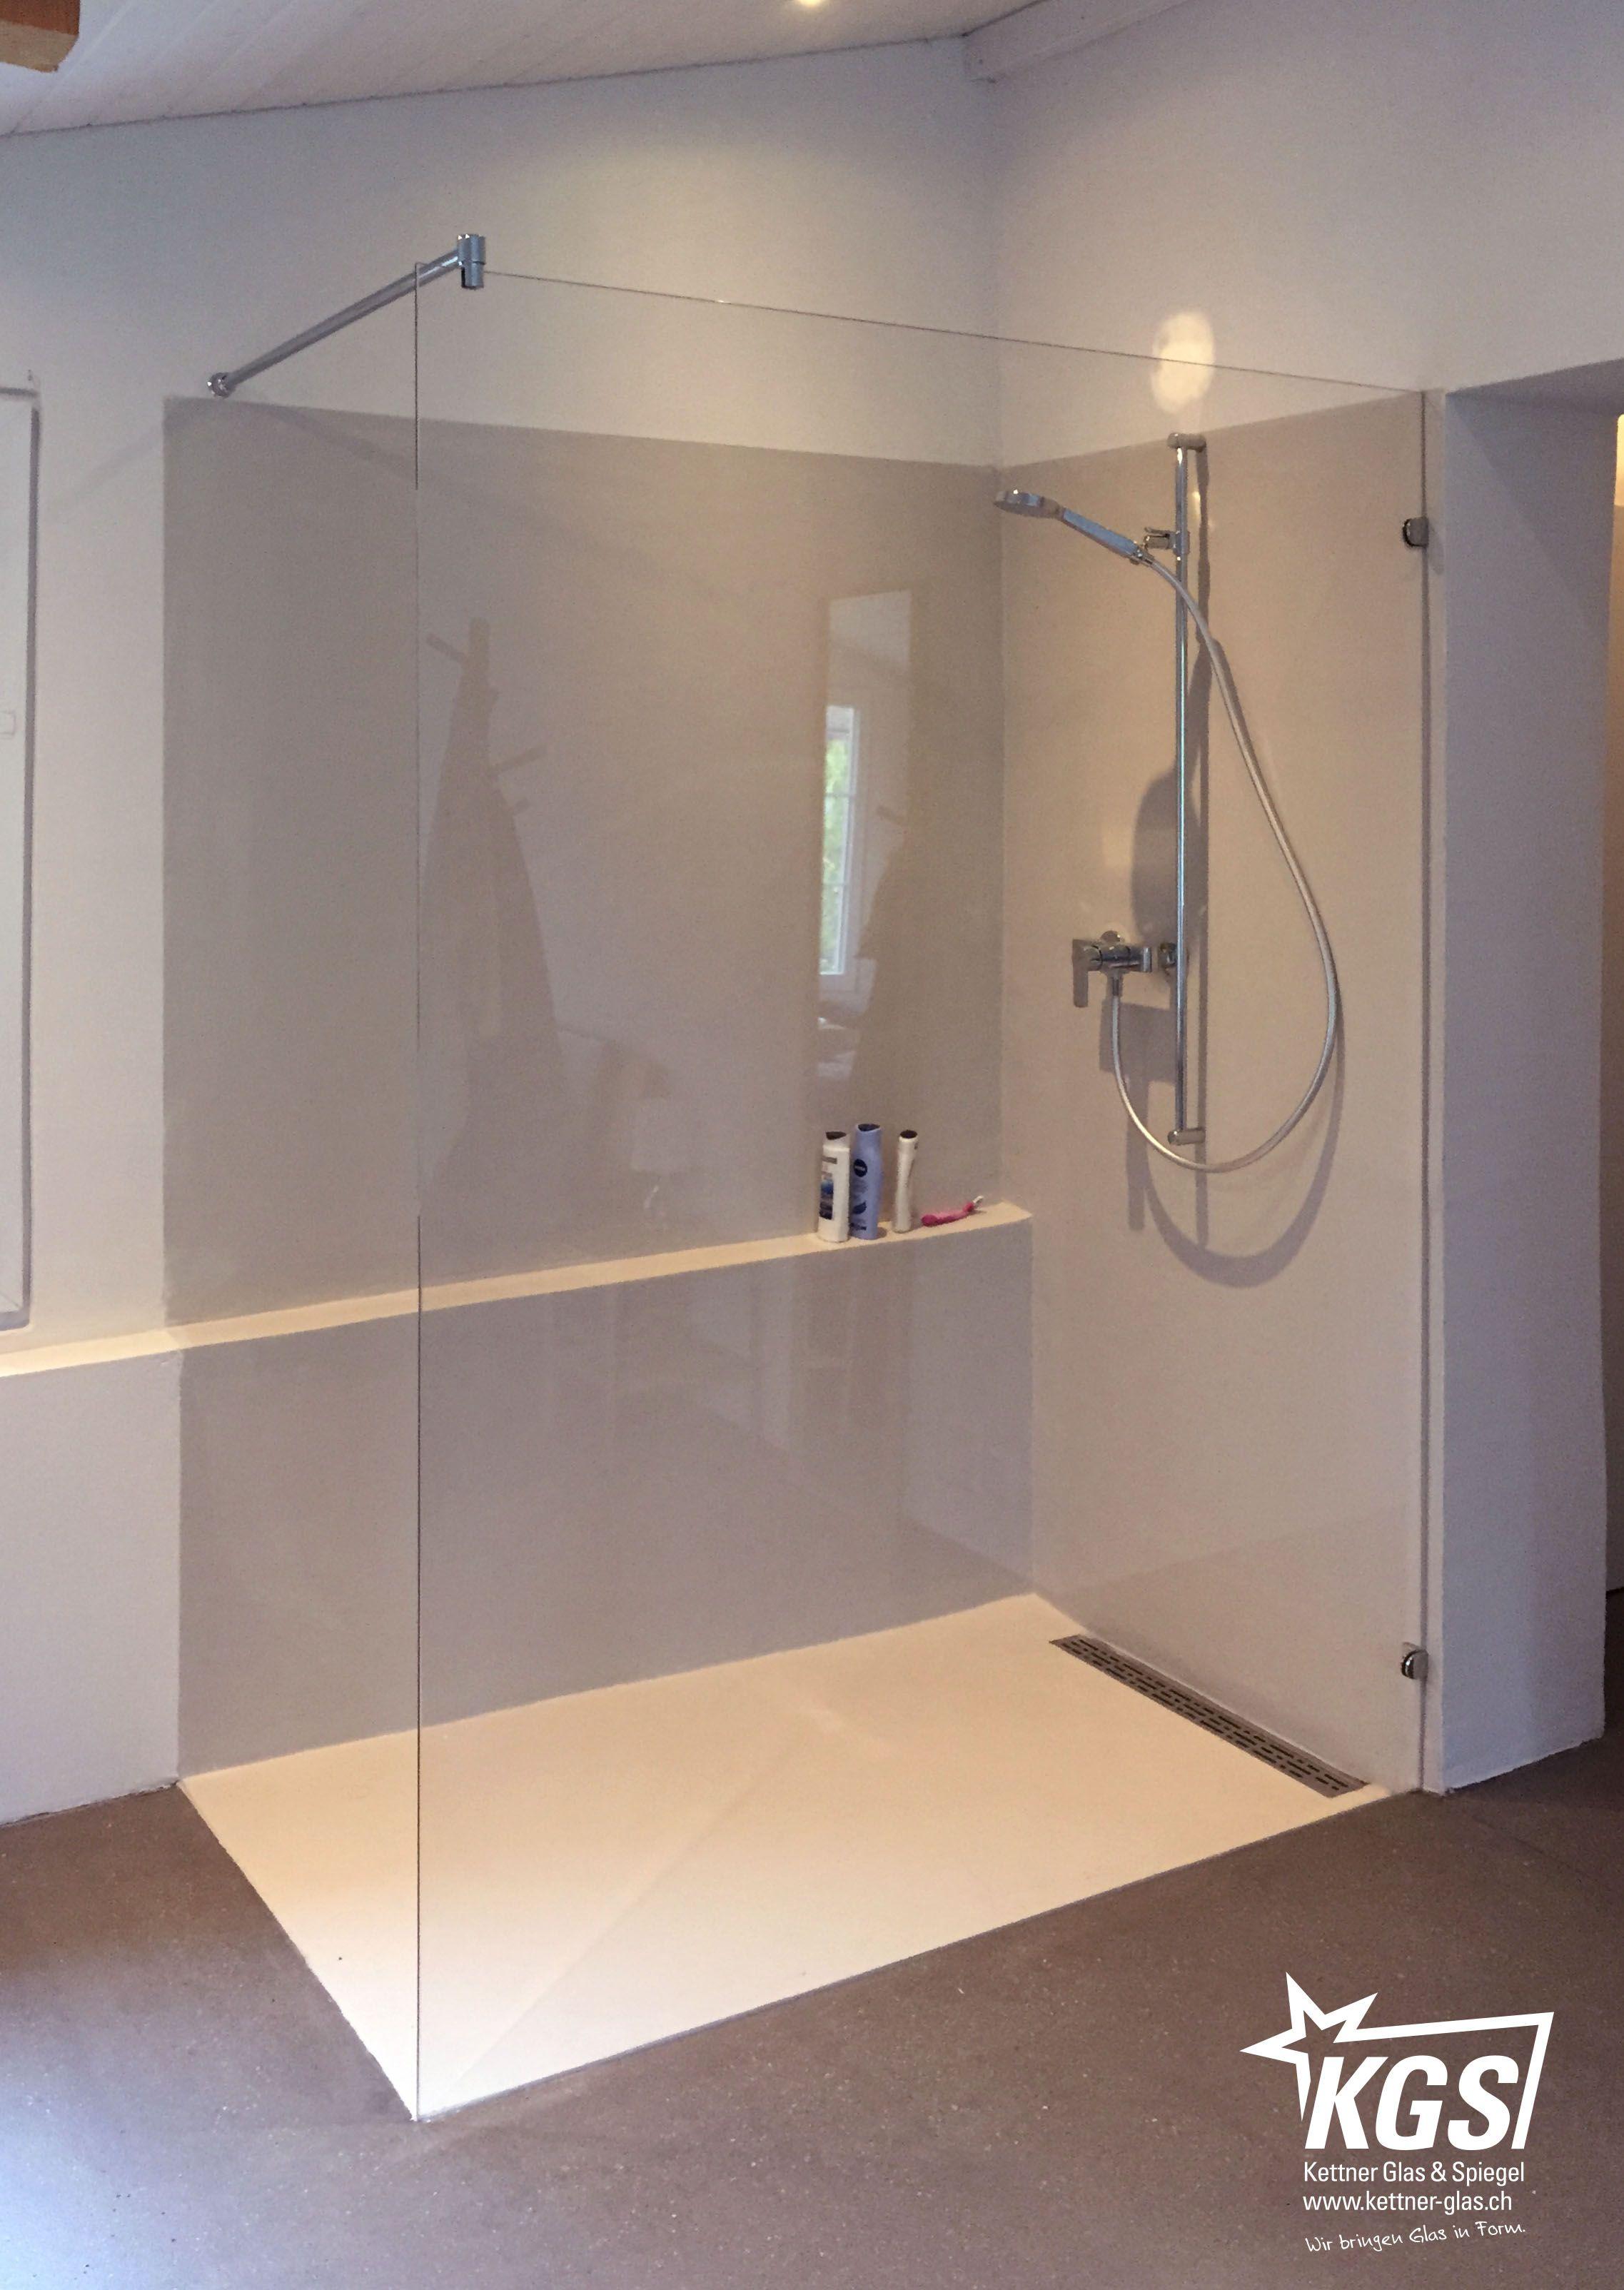 Duschtrennwand Aus Showerguard Glas Mit Schlichten Glashaltern Beschlagen Und Stabilisationsstange Montiert Duschtrennwand Badezimmer Duschabtrennung